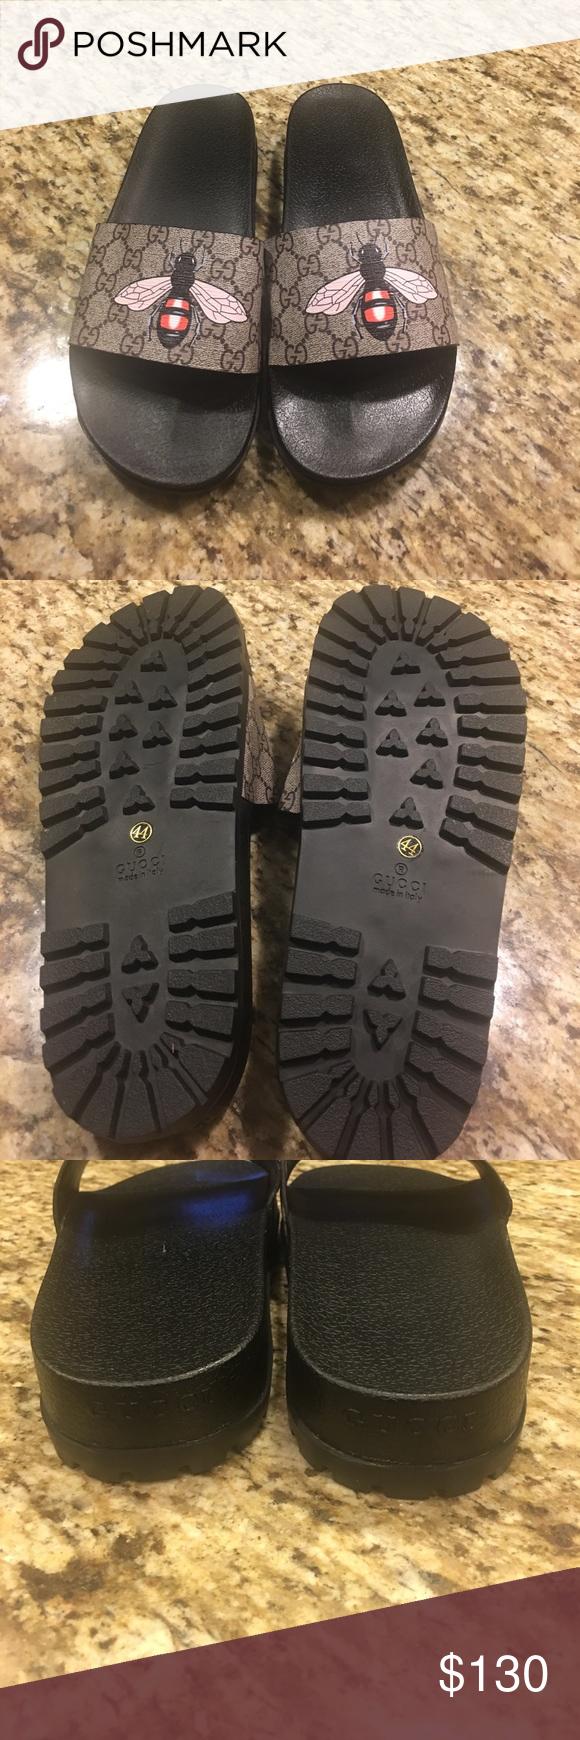 b081aa771fe6 Gucci Bumble Bee Slides Mens Gucci slides Gucci Shoes Sandals   Flip-Flops